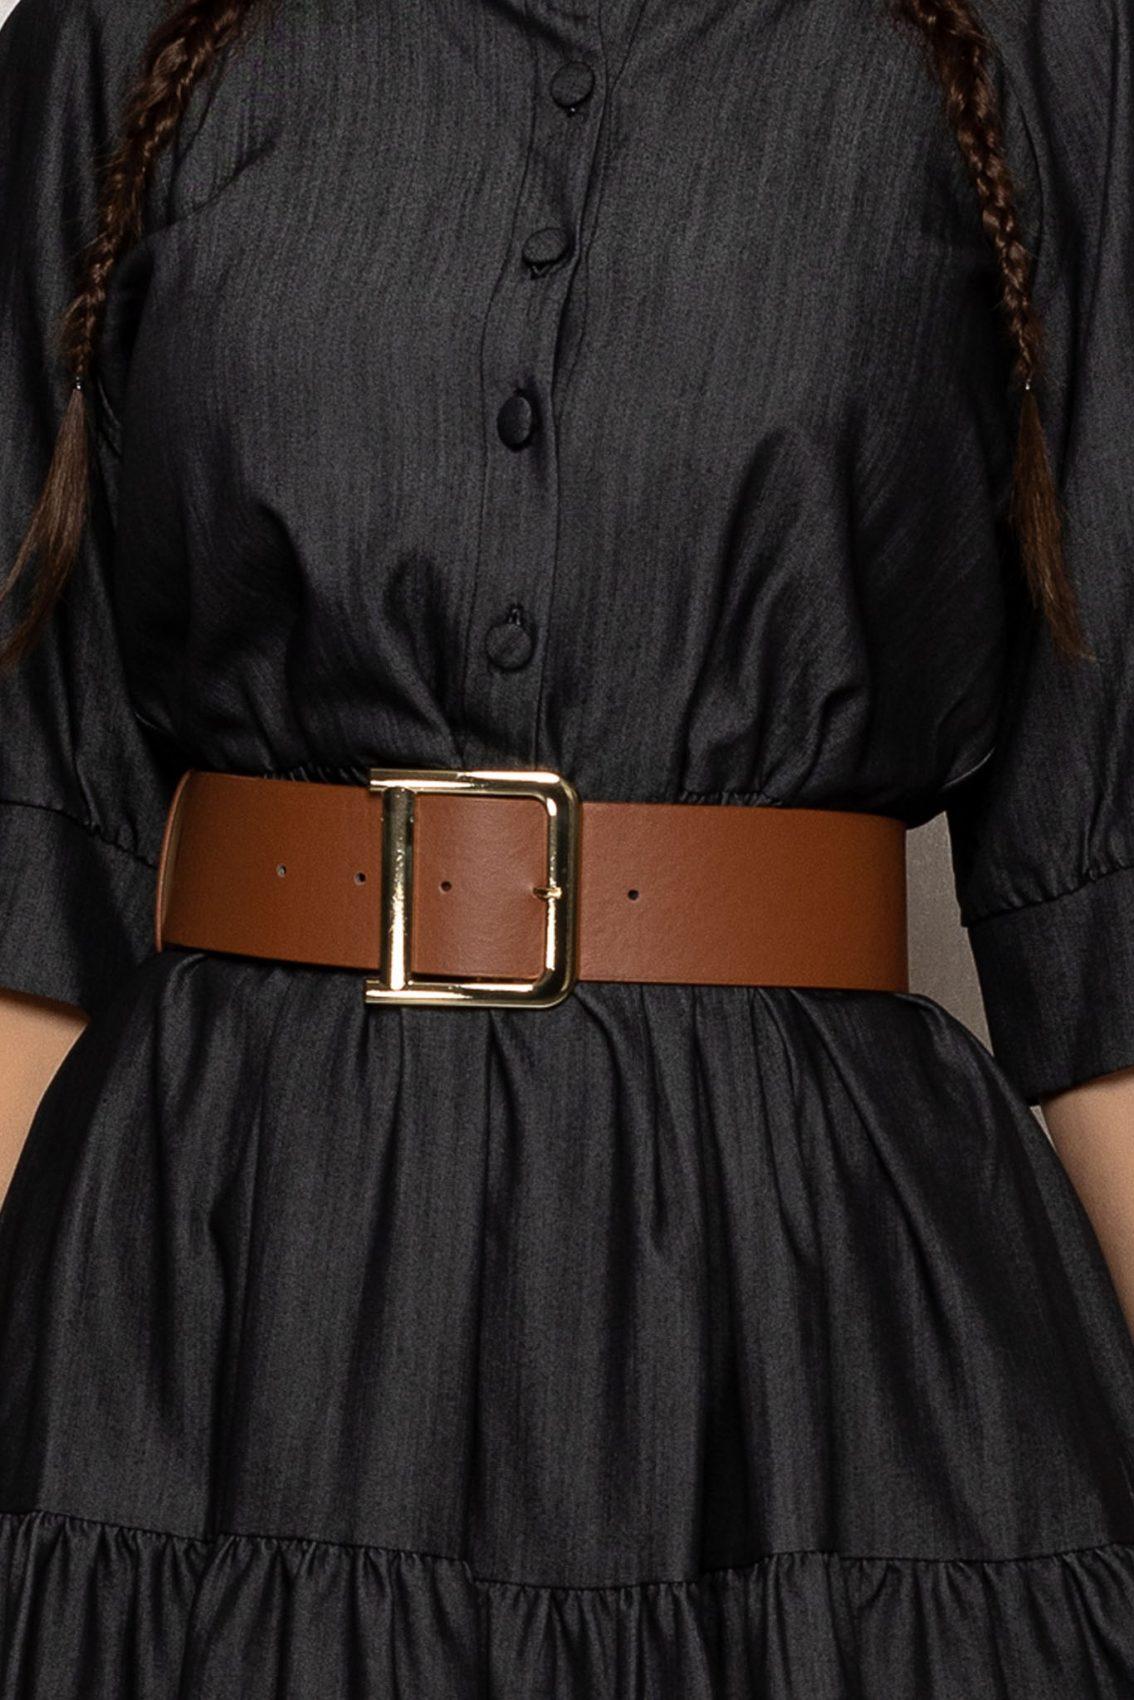 Μαύρο Μίνι Κλος Καθημερινό Φόρεμα Tayana T385 3